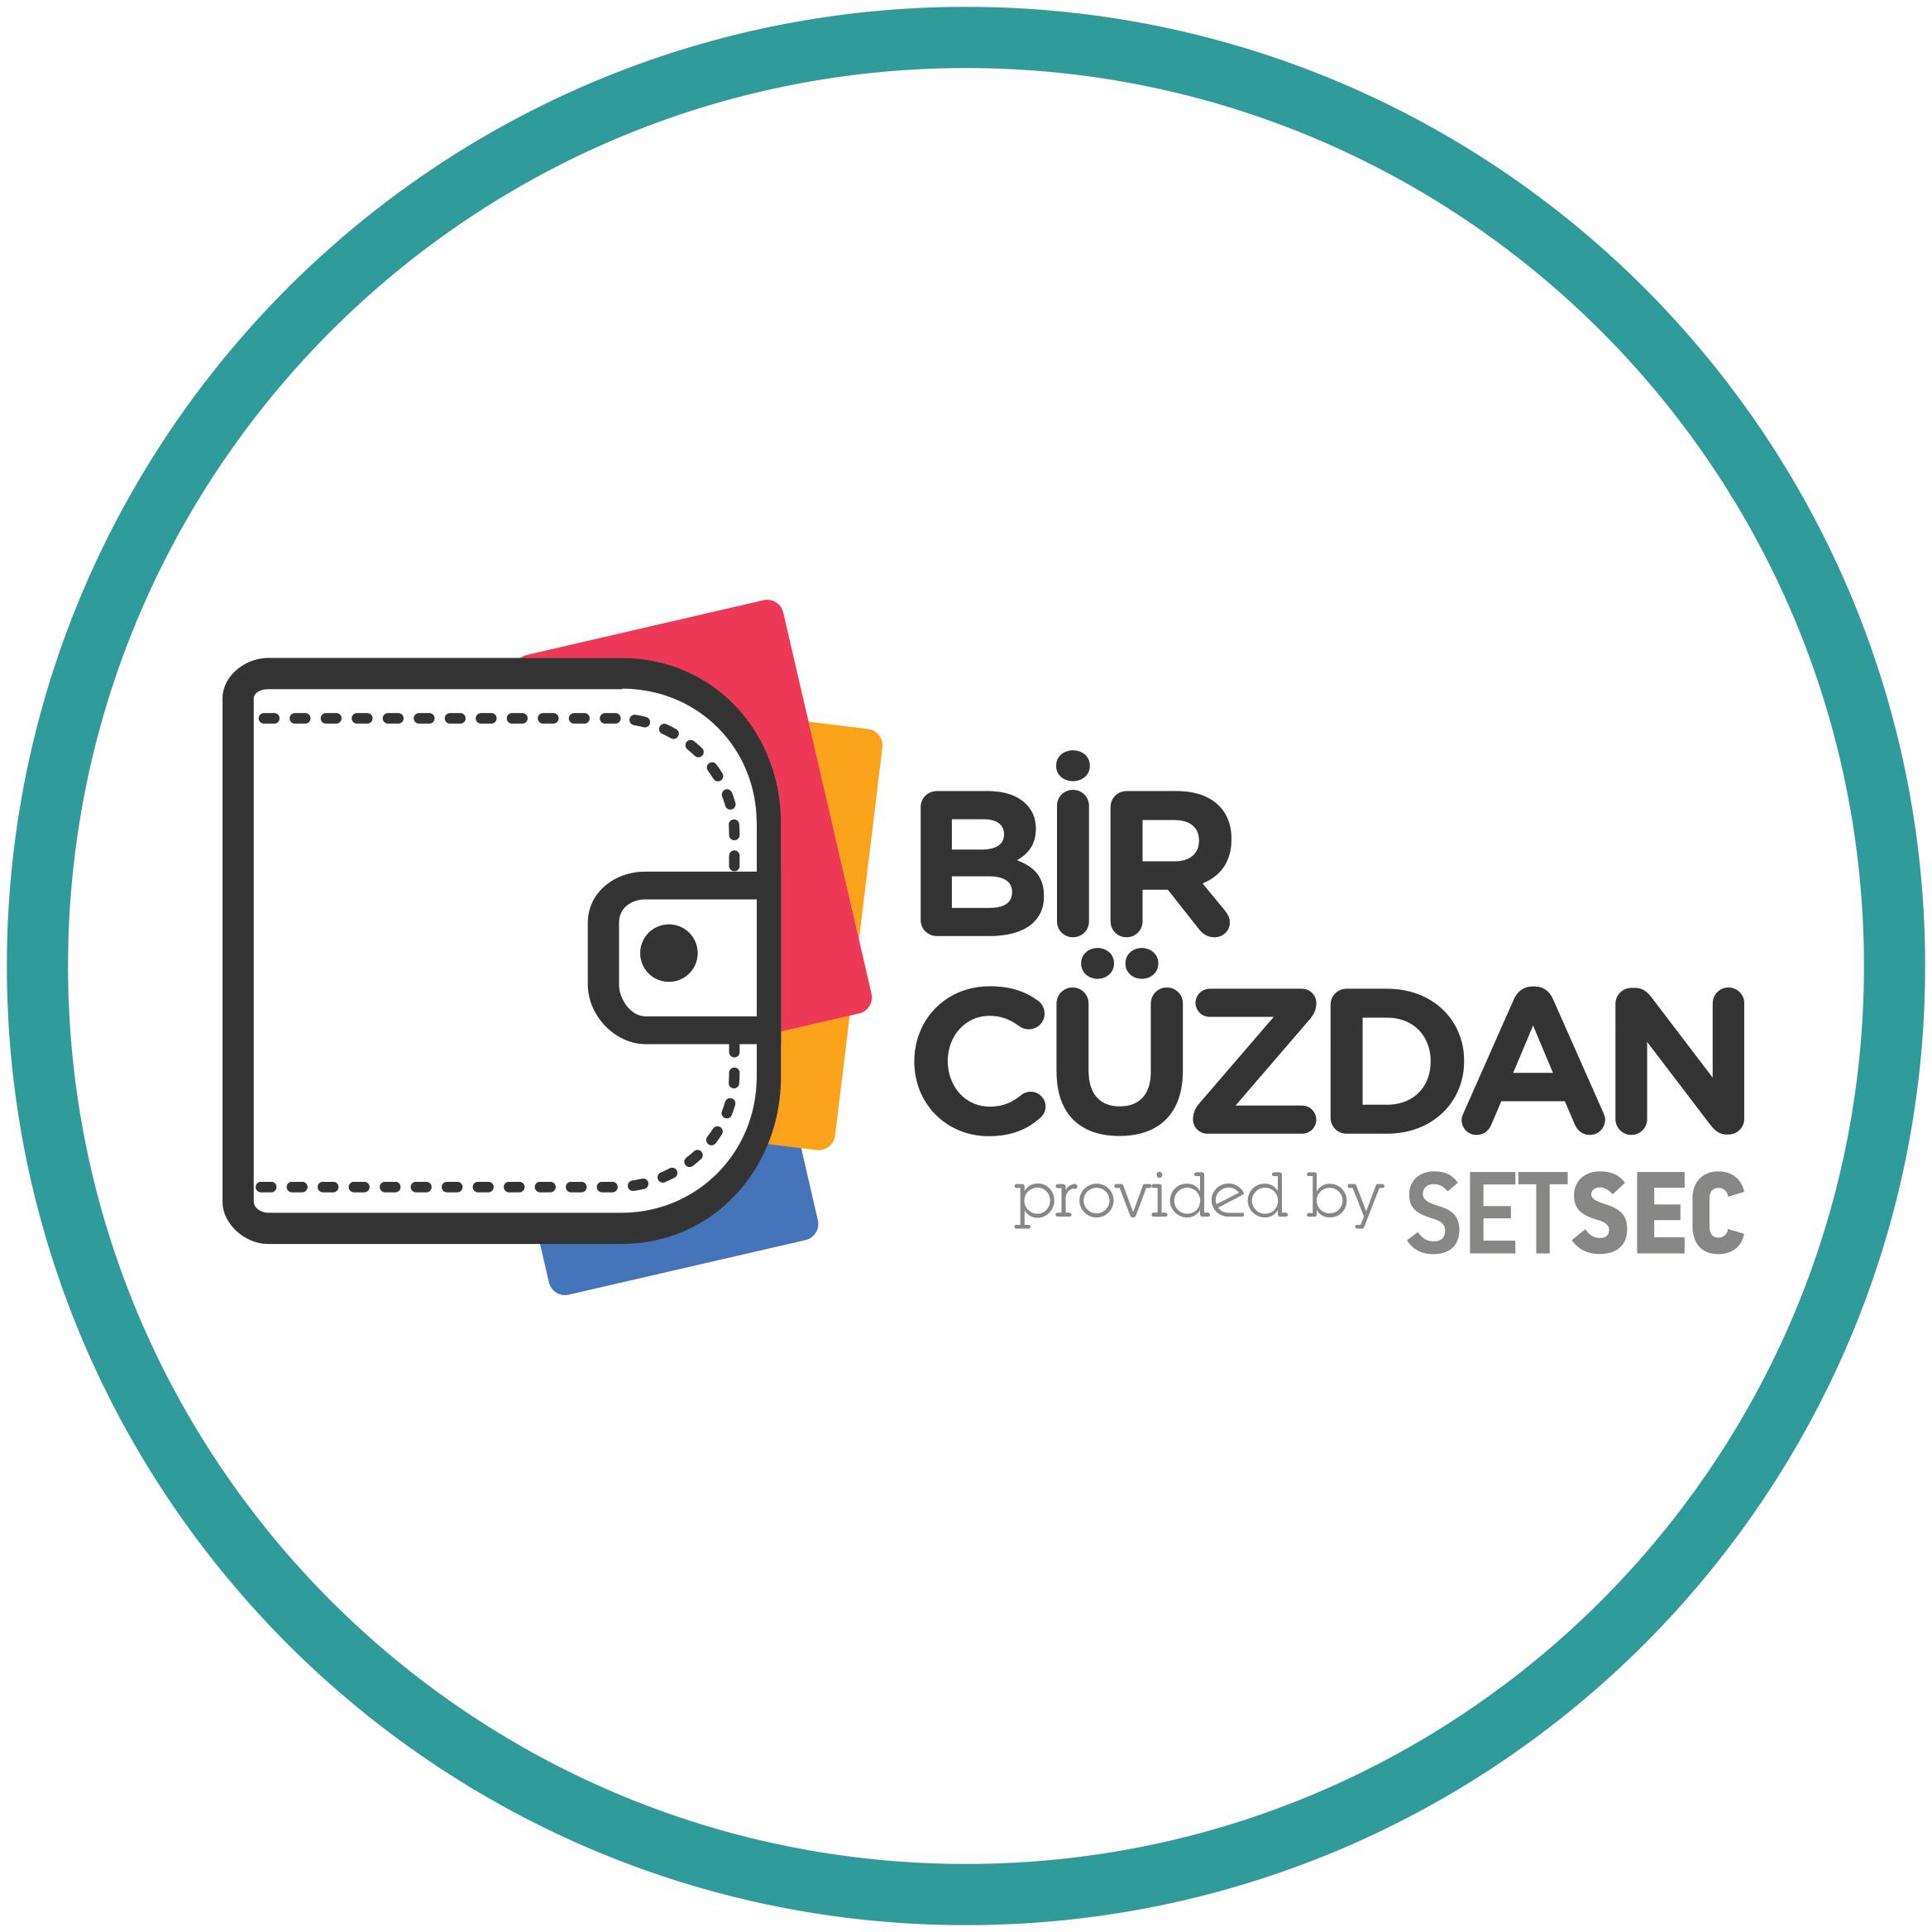 Bir_cuzdan_circular